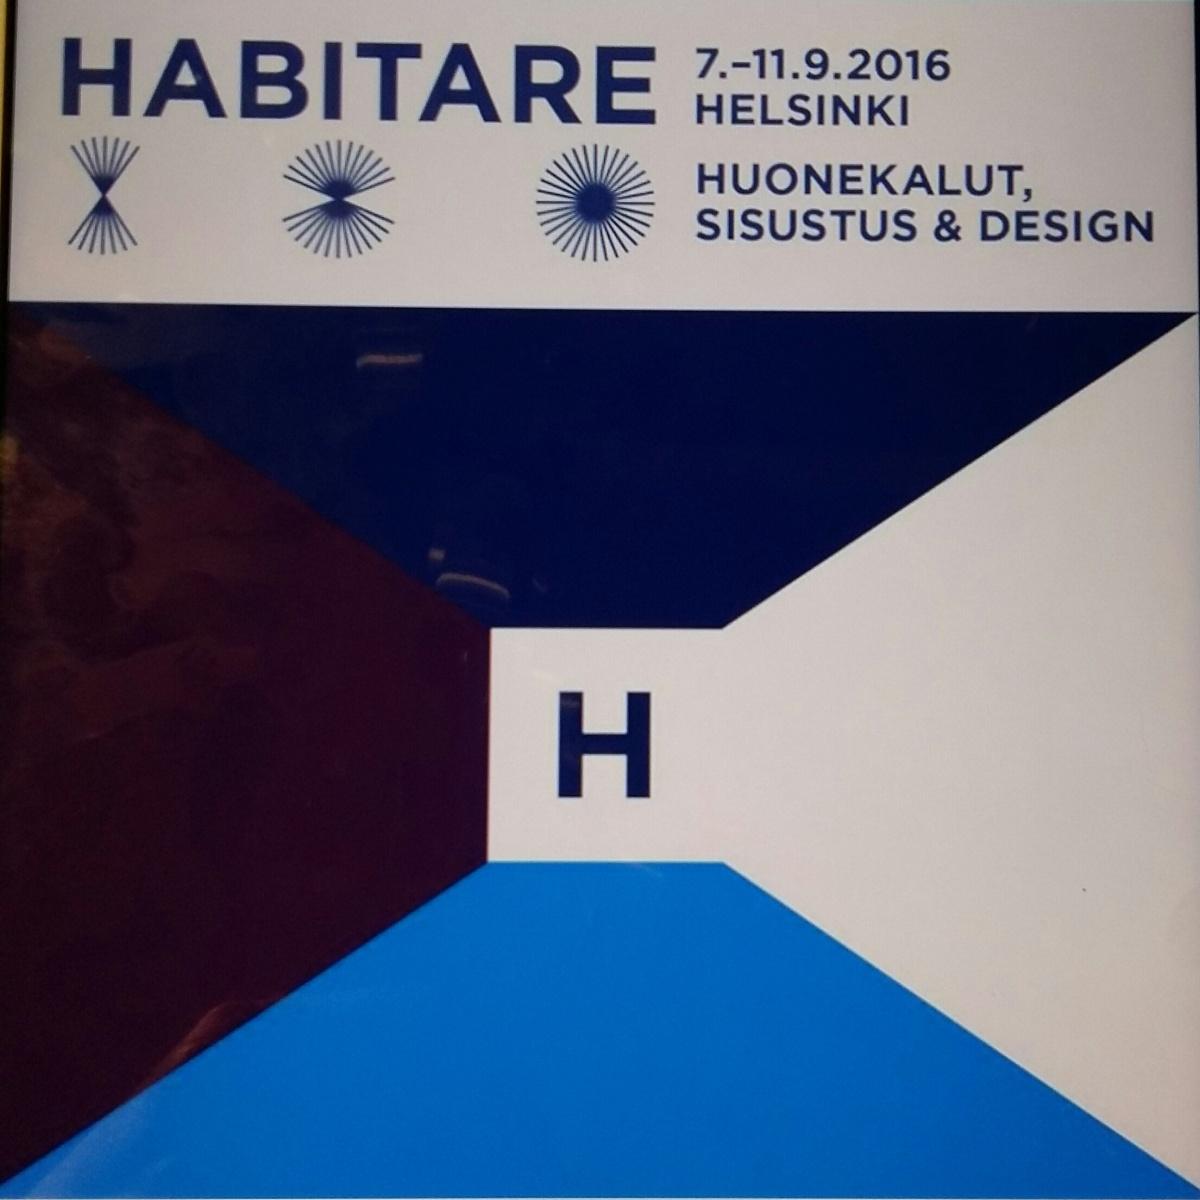 KOTI&SISUSTUS. TRENDIT&UUTUUDET.... 1/3 27. HABITARE - Messut 7. -11.9.2016. MESSUKESKUS, HELSINKI. Valokuvat, Suosikki, SYKSY.  HXSTYLE.net HEINIS